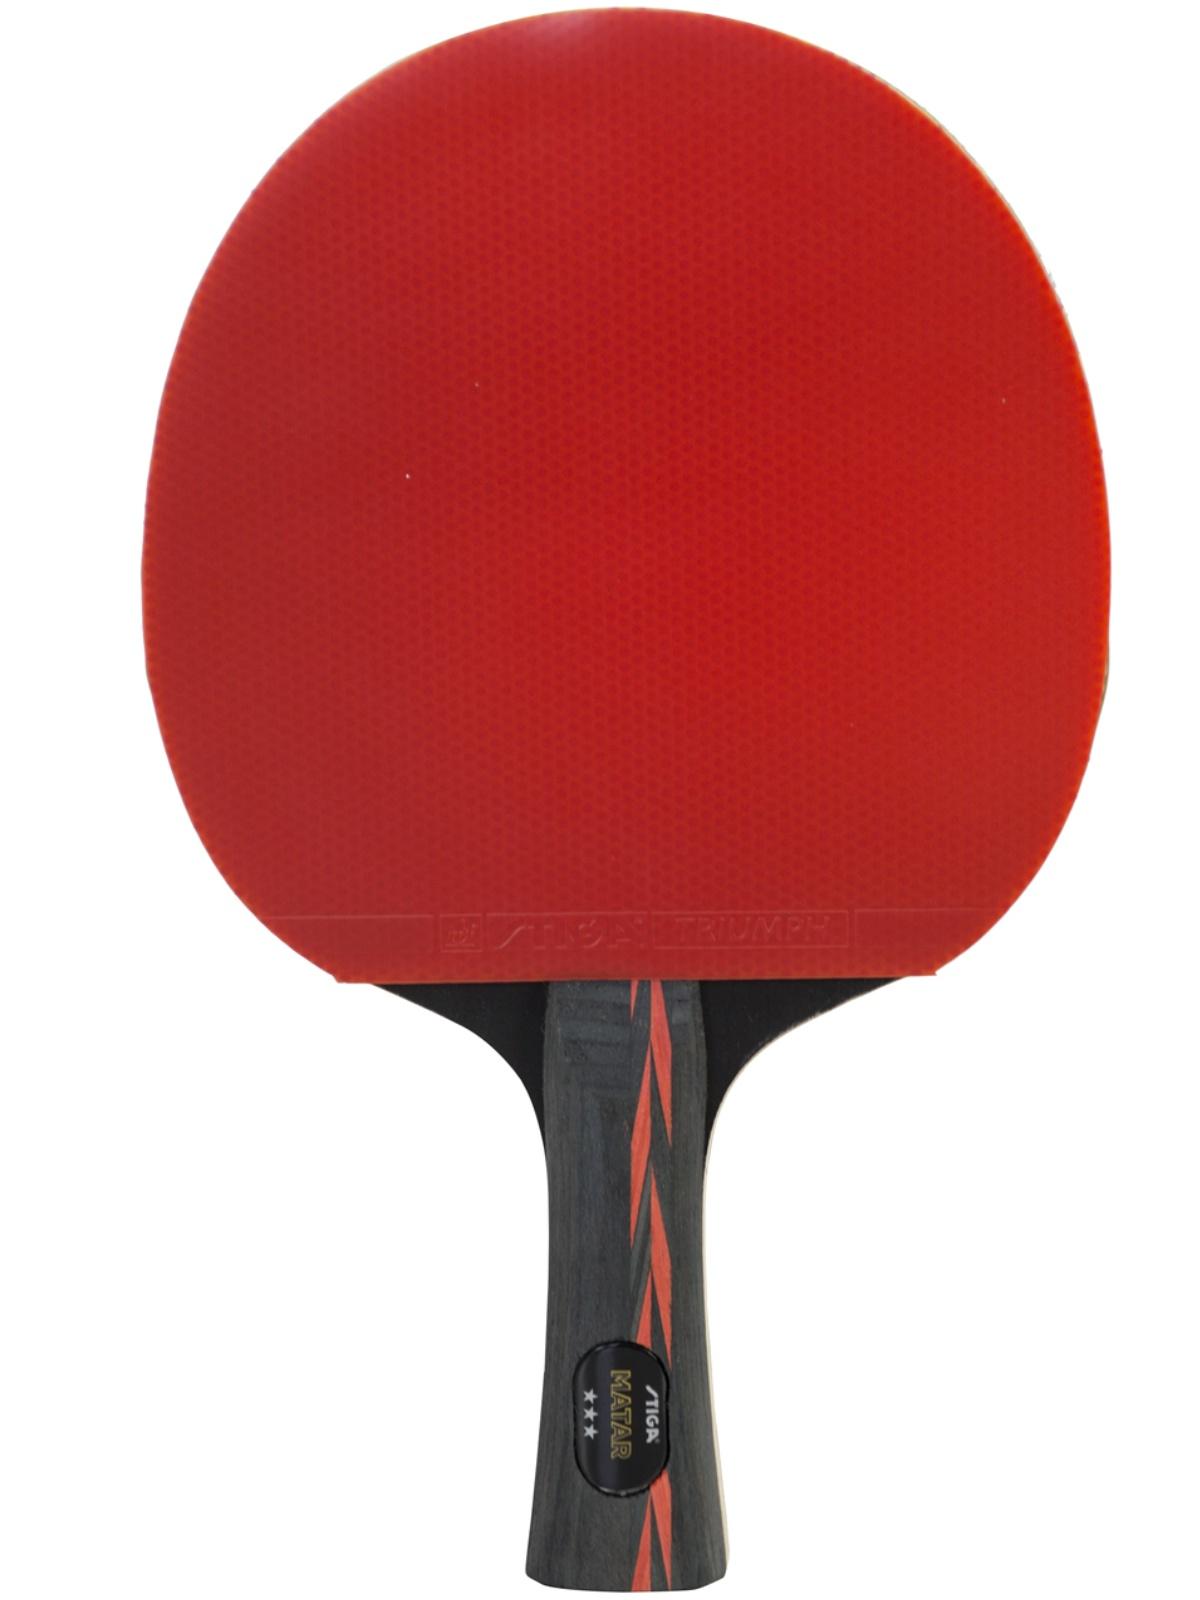 Raketa na stolný tenis STIGA Matar